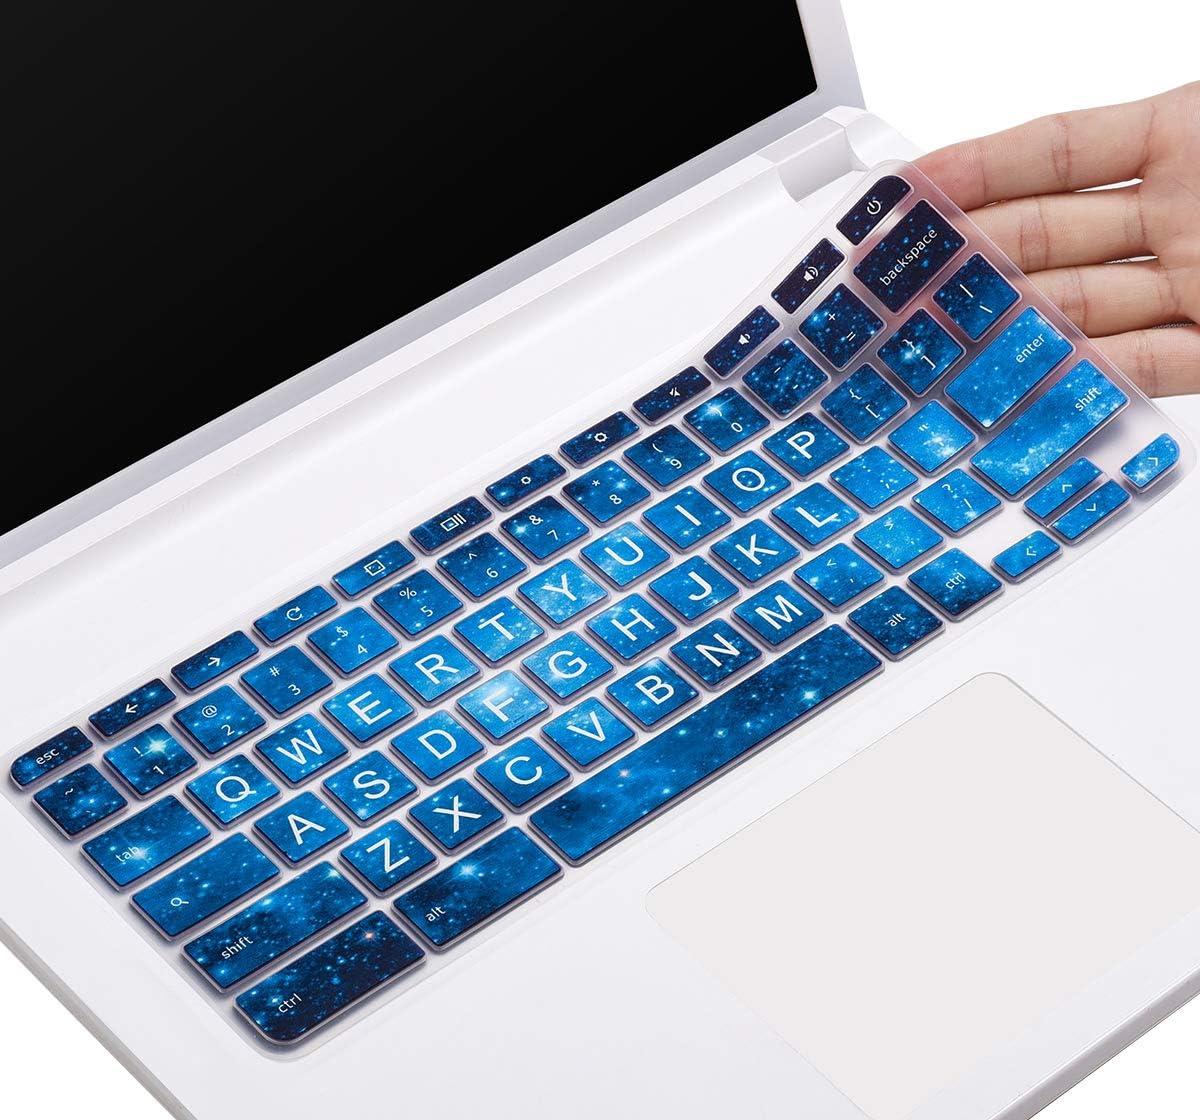 CaseBuy Keyboard Cover for Acer Chromebook Spin 11 CP311 C738T CB3-131 CB3-132 CB5-132T/Chromebook Spin 13 CP713 CB5-312T/Acer Chromebook 14/Chromebook 15 CB3 CB5 CP315 CB515(Upper CASE, Blue Stars)